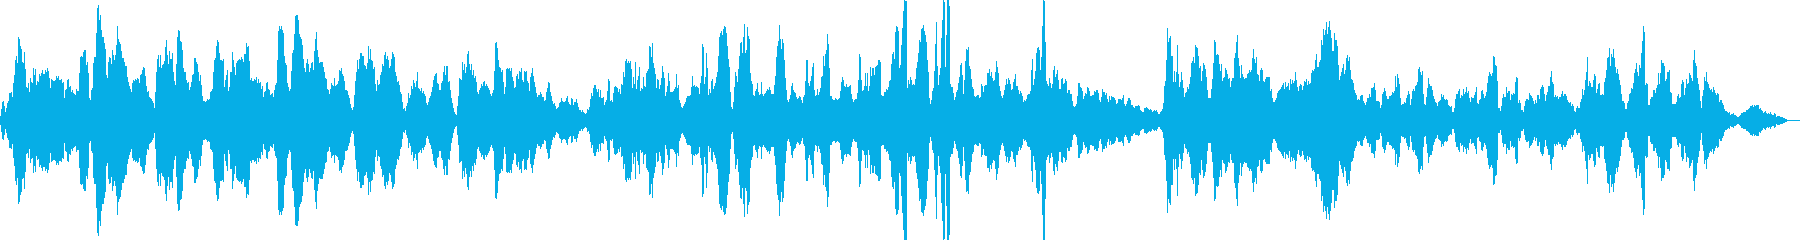 ノットゥルノ(夜奏曲)/ボロディンの再生済みの波形